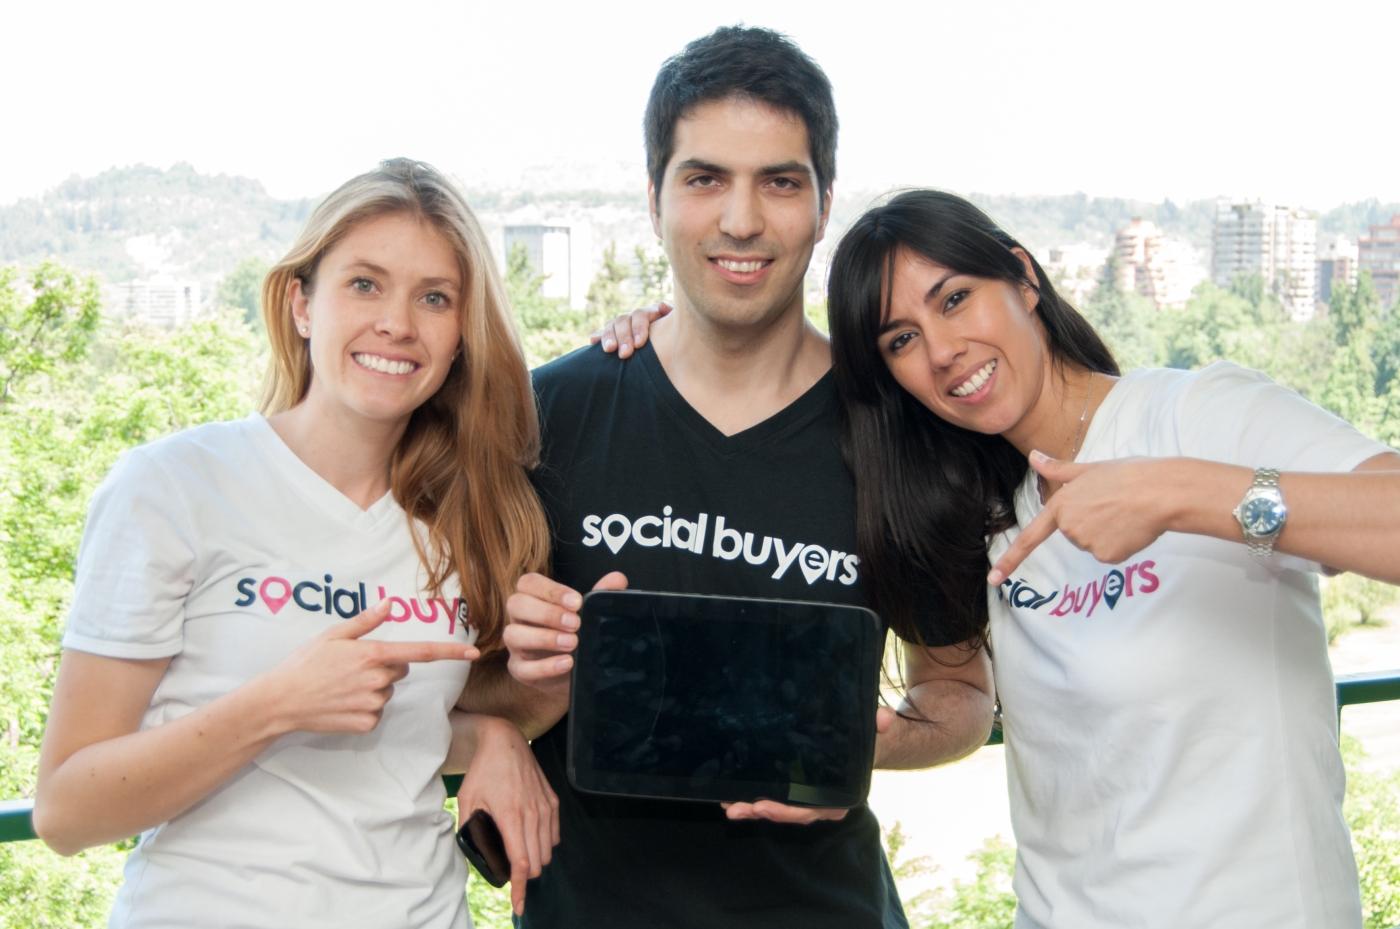 SocialBuyers